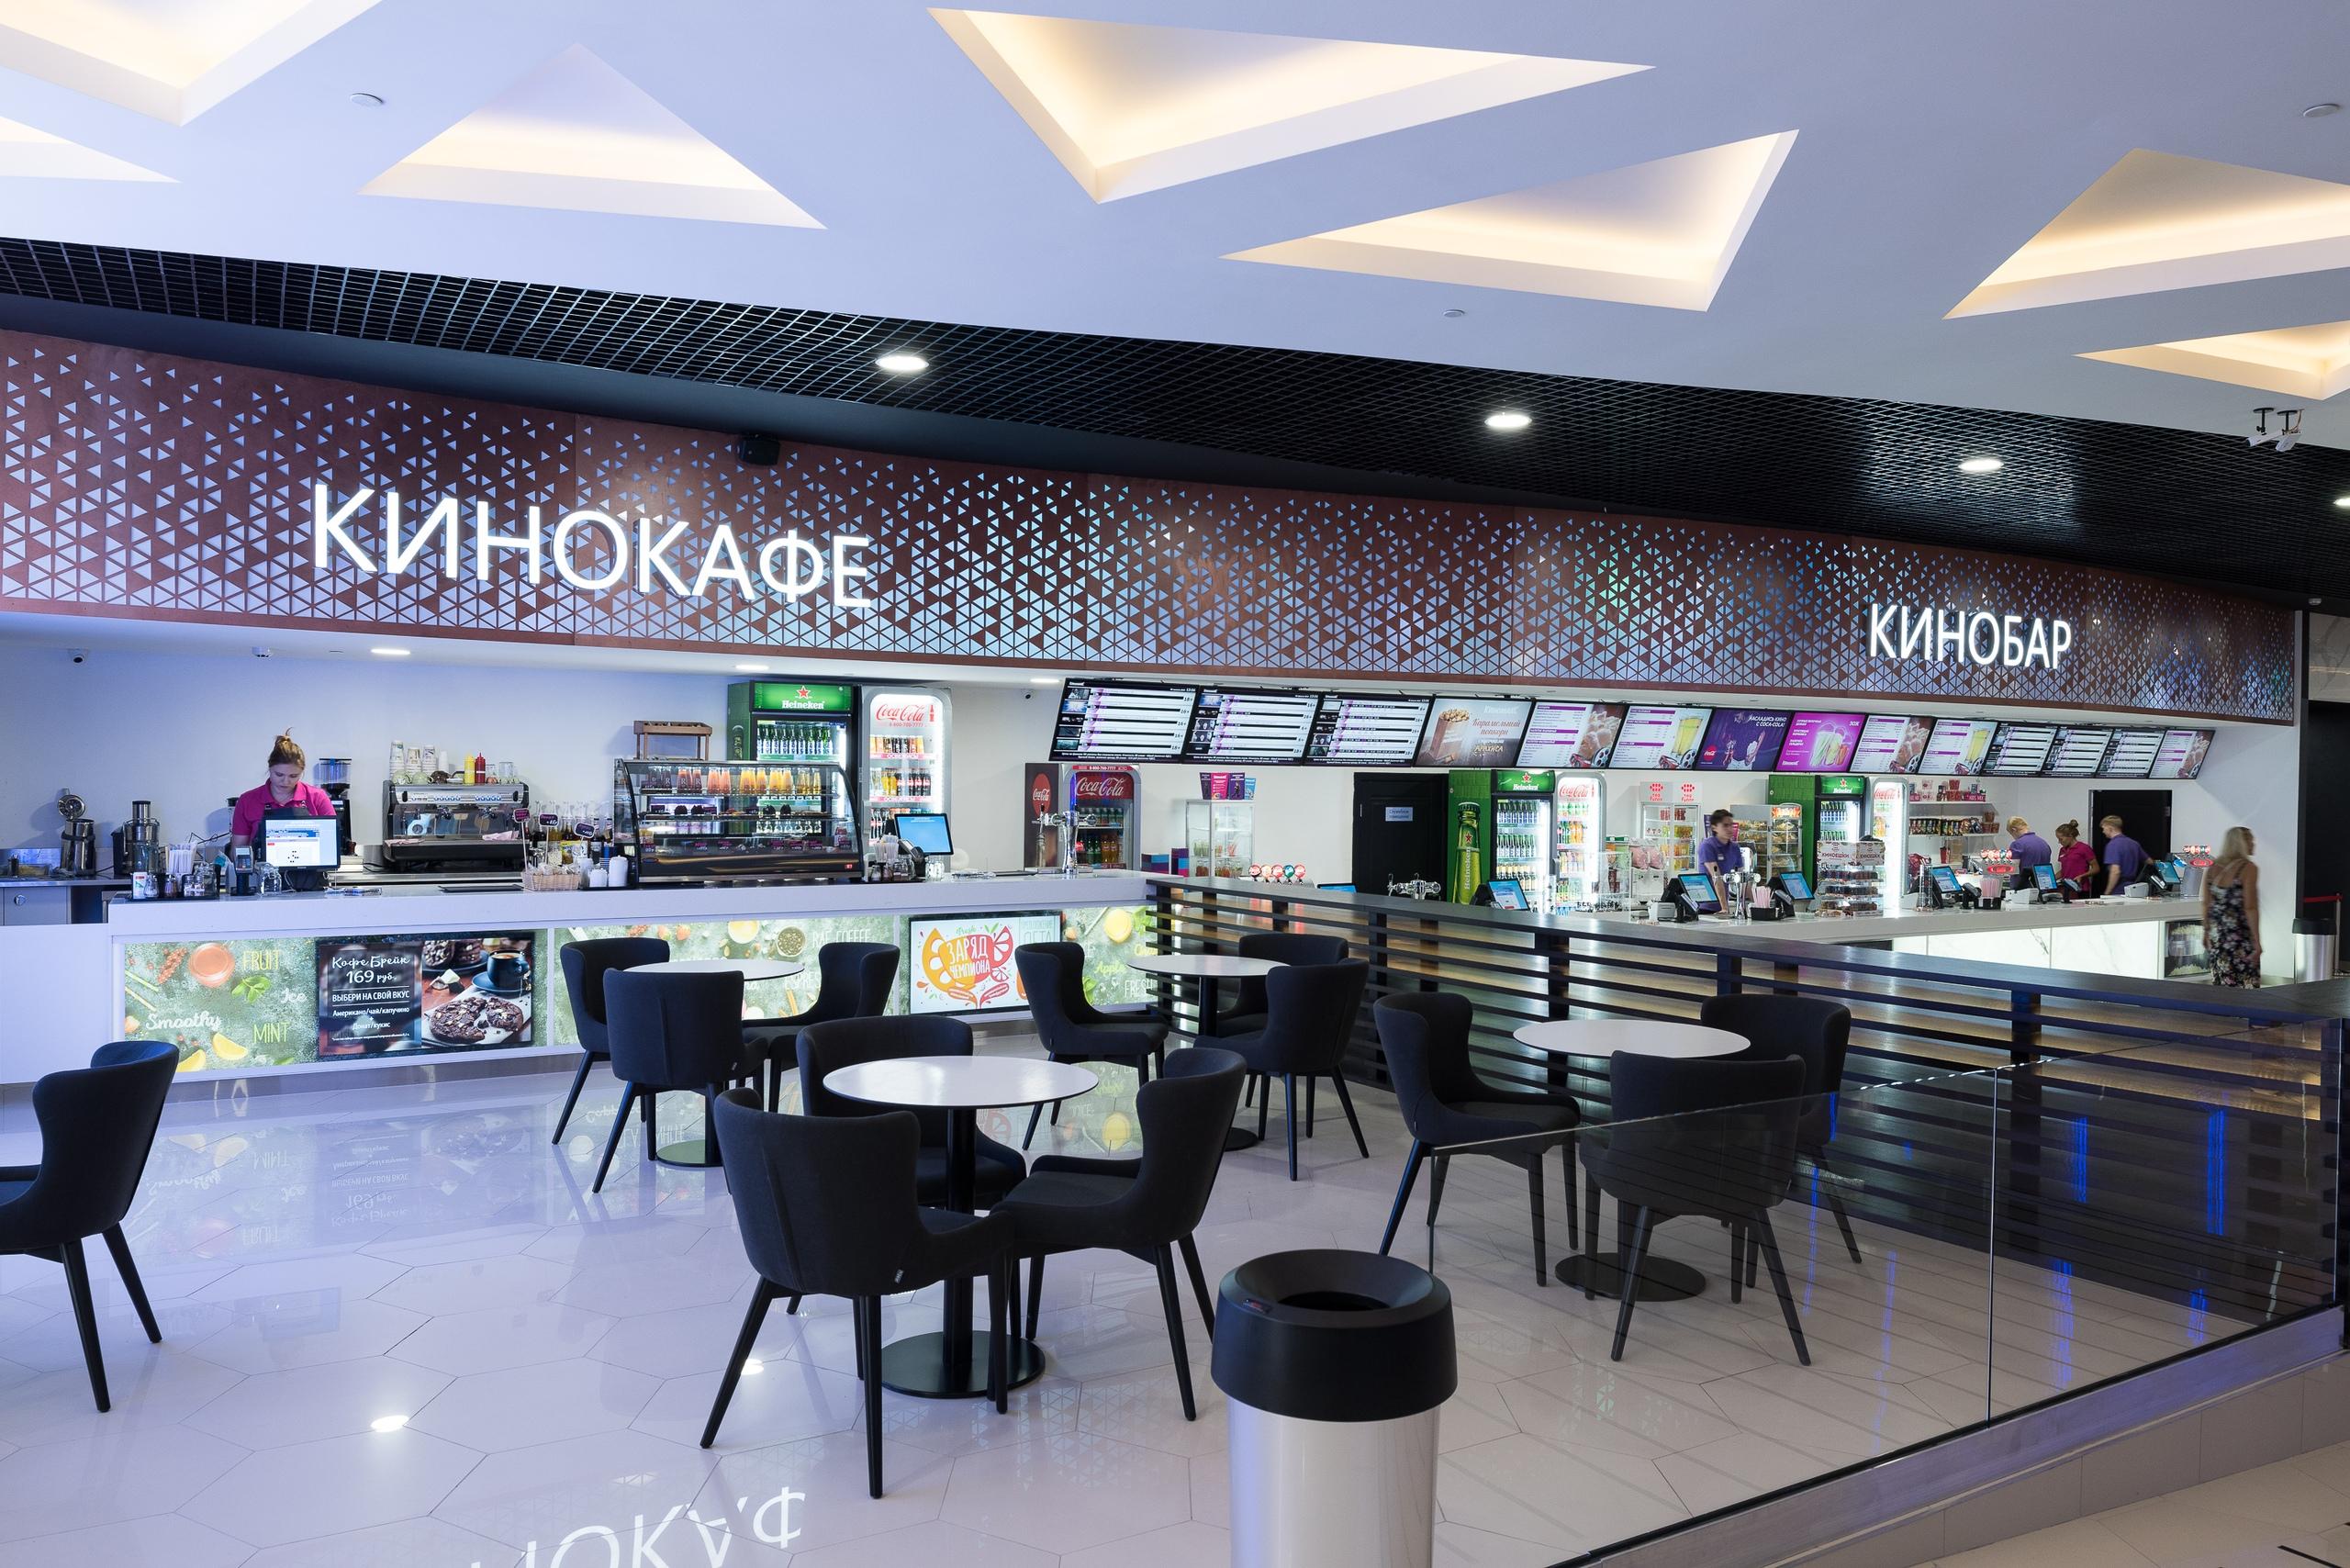 Кинокафе и кинобар кинотеатра Титан, аренда помещений и торговых площадок в Киномакс